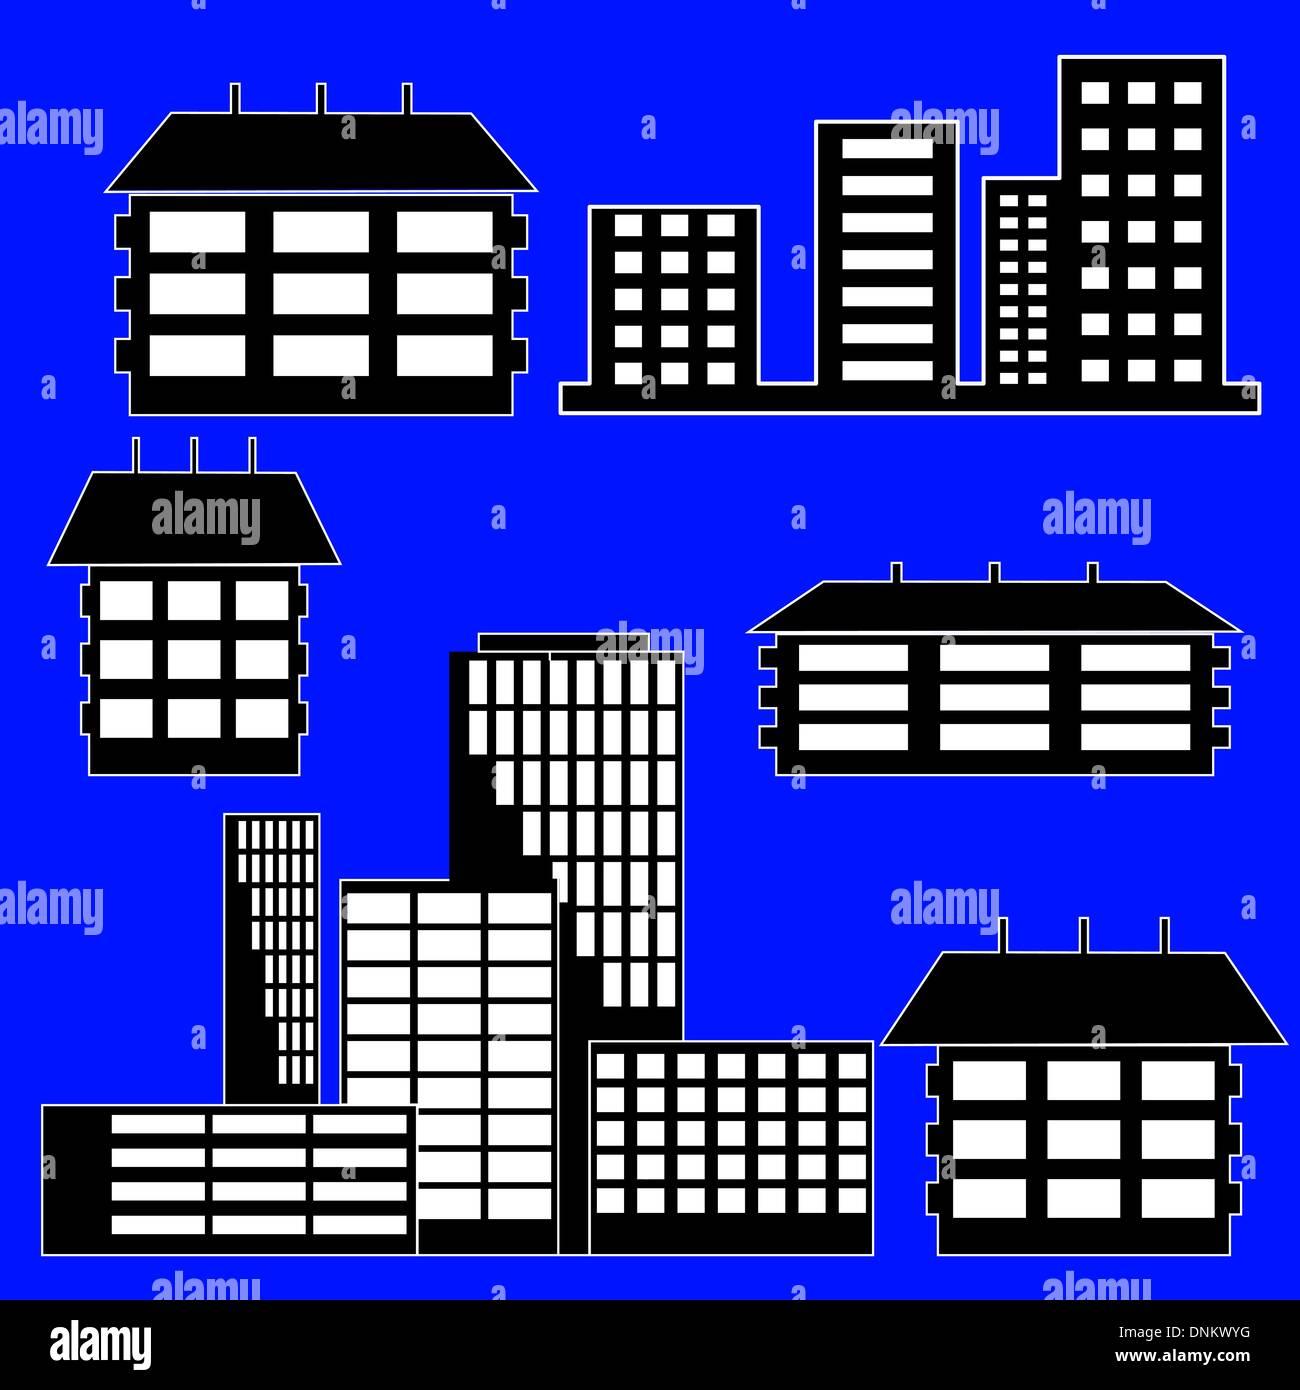 Otro tipo de casas y edificios - ilustración vectorial Imagen De Stock